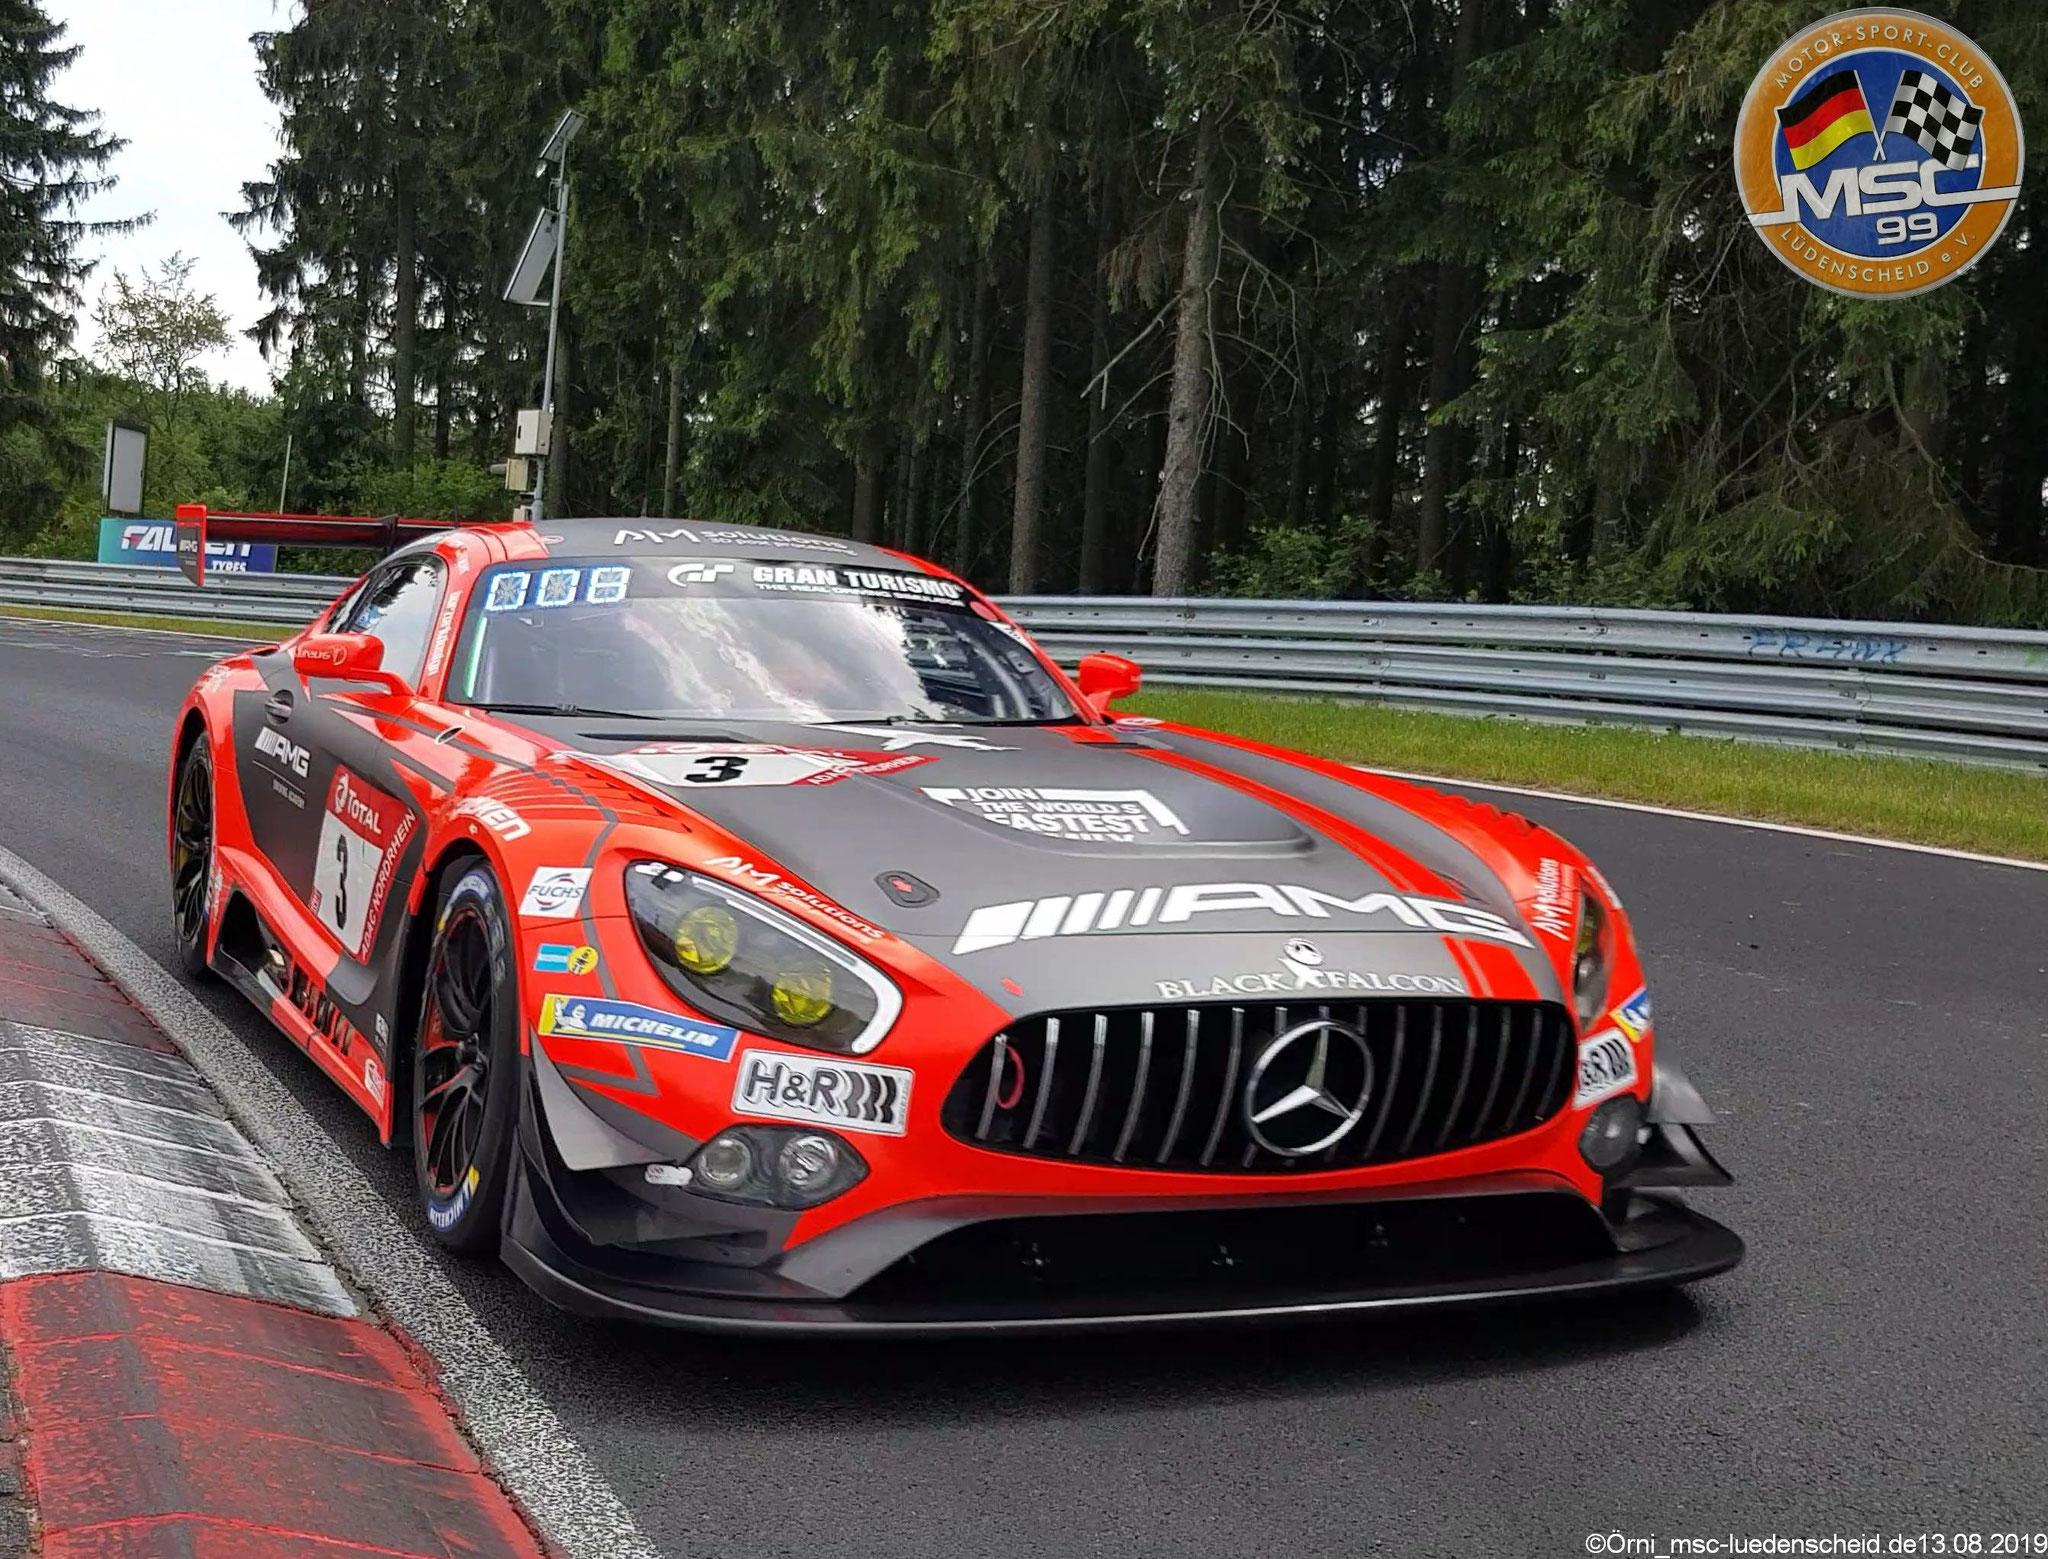 24h Rennen Nurburgring Msc Ludenscheid